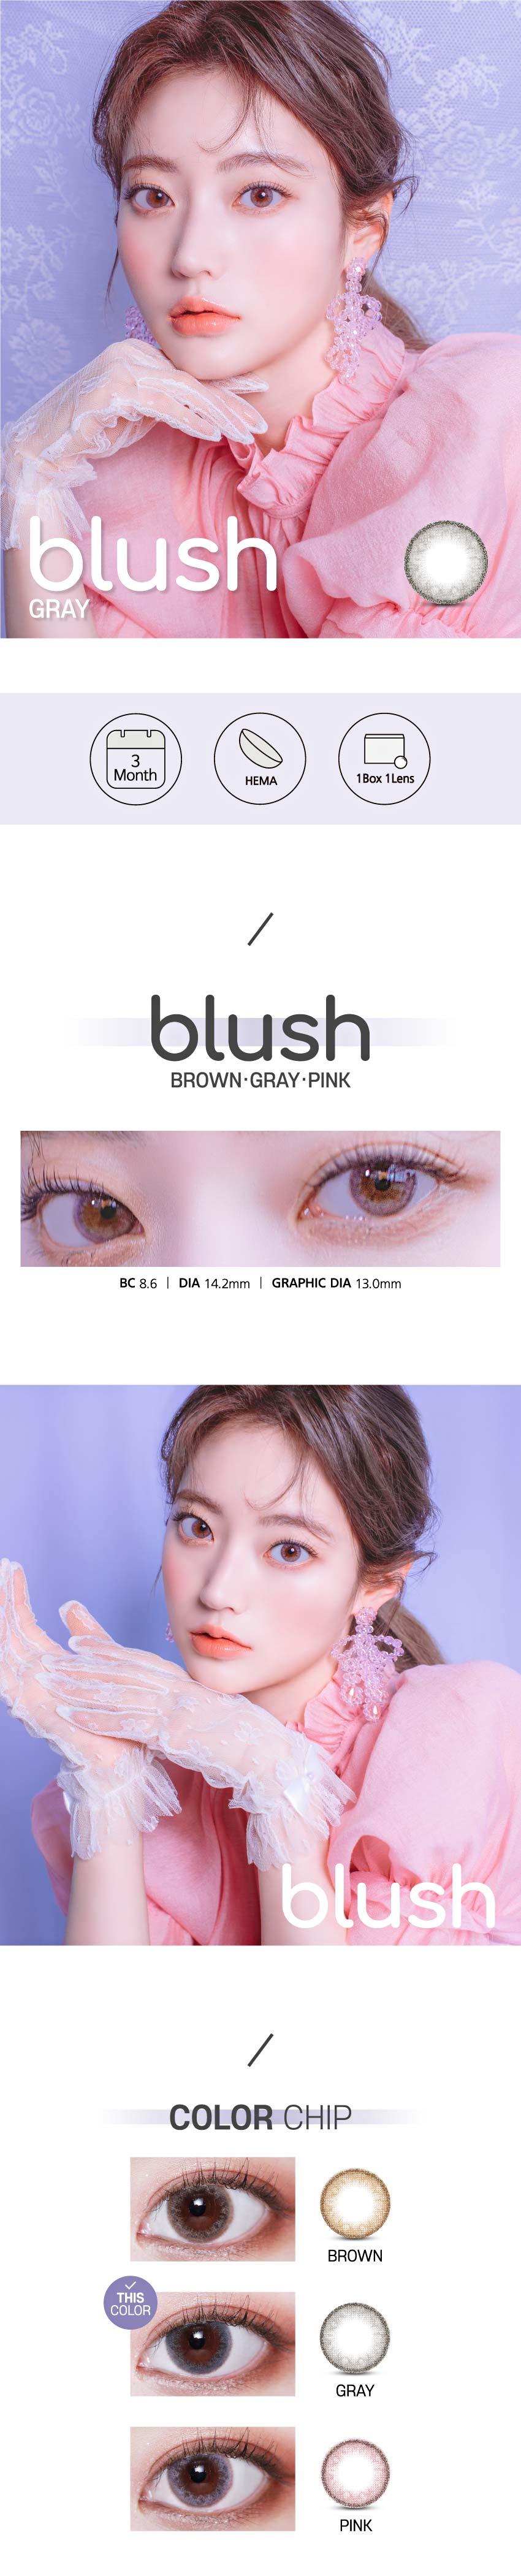 blush-gray-korean-circle-lenses1.jpg